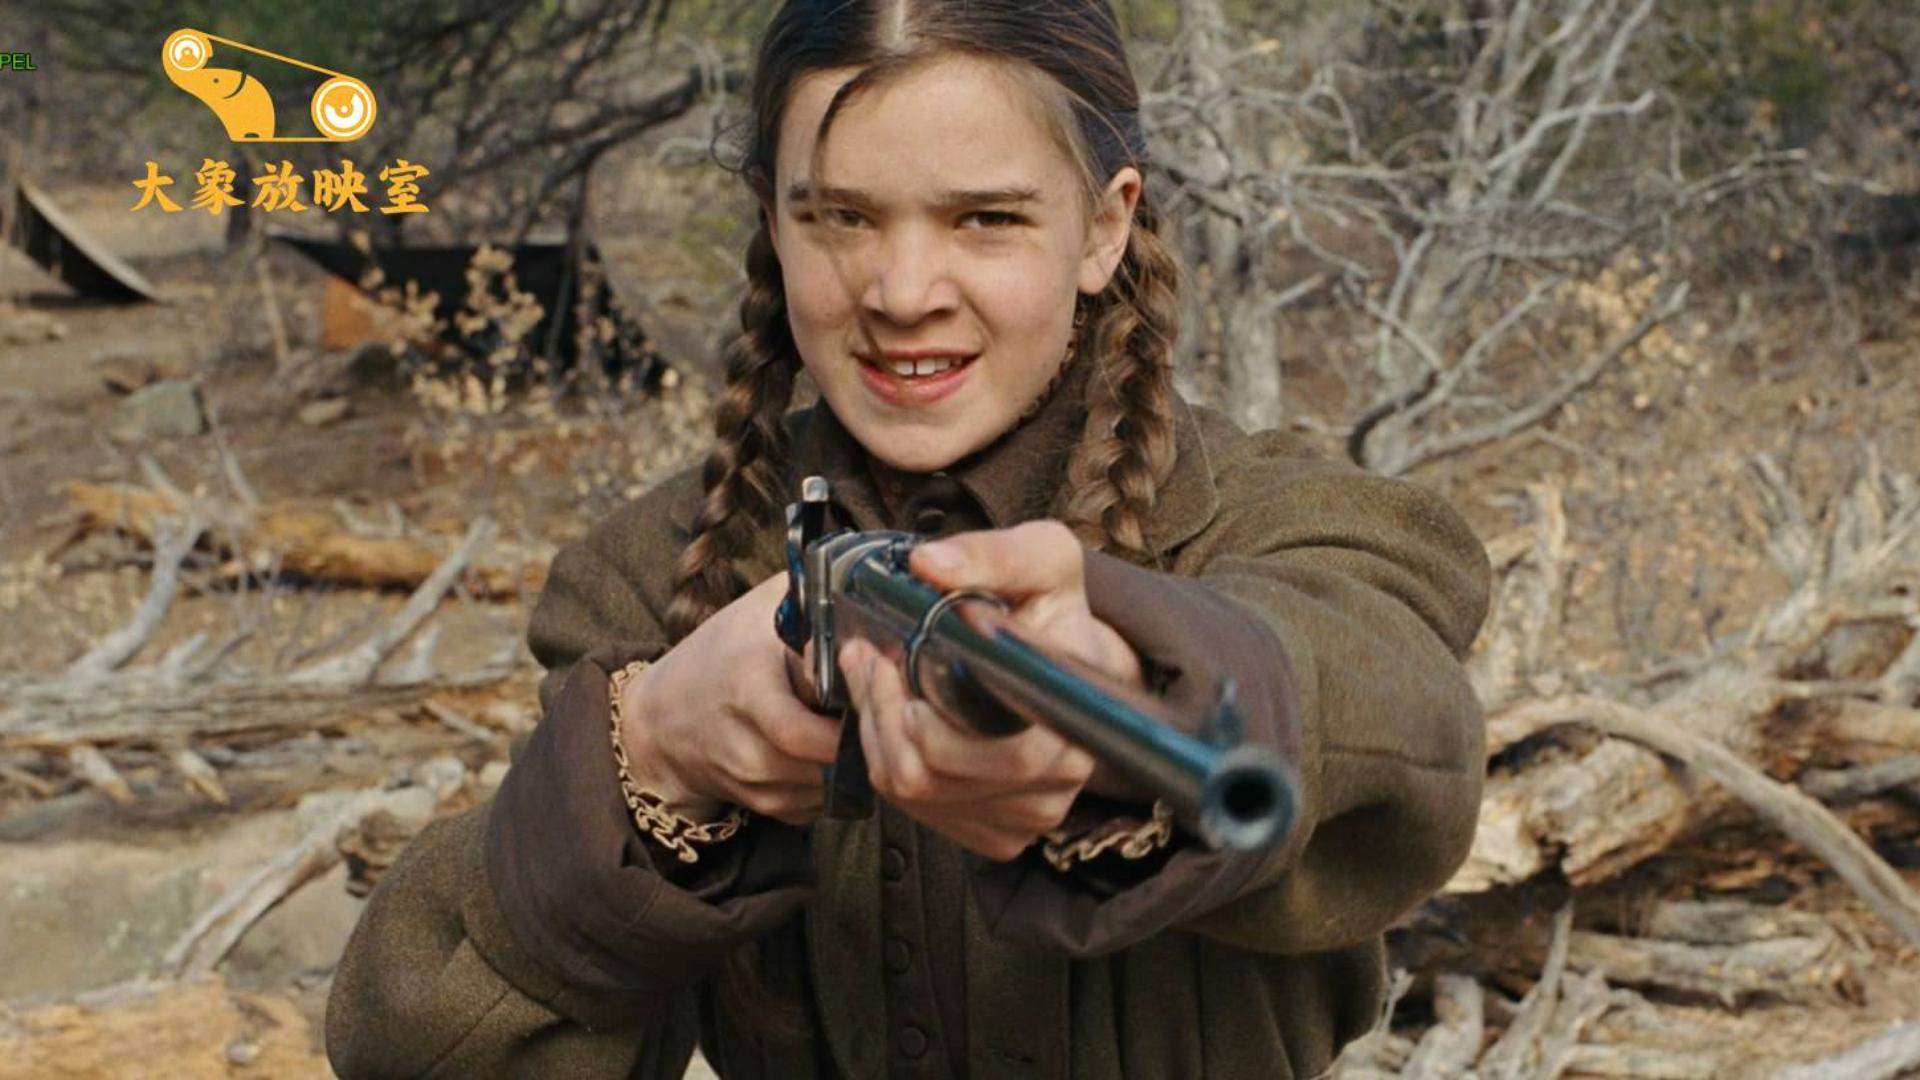 14岁萝莉千里追凶,亲手干掉仇人,可25年后,结局却令人唏嘘